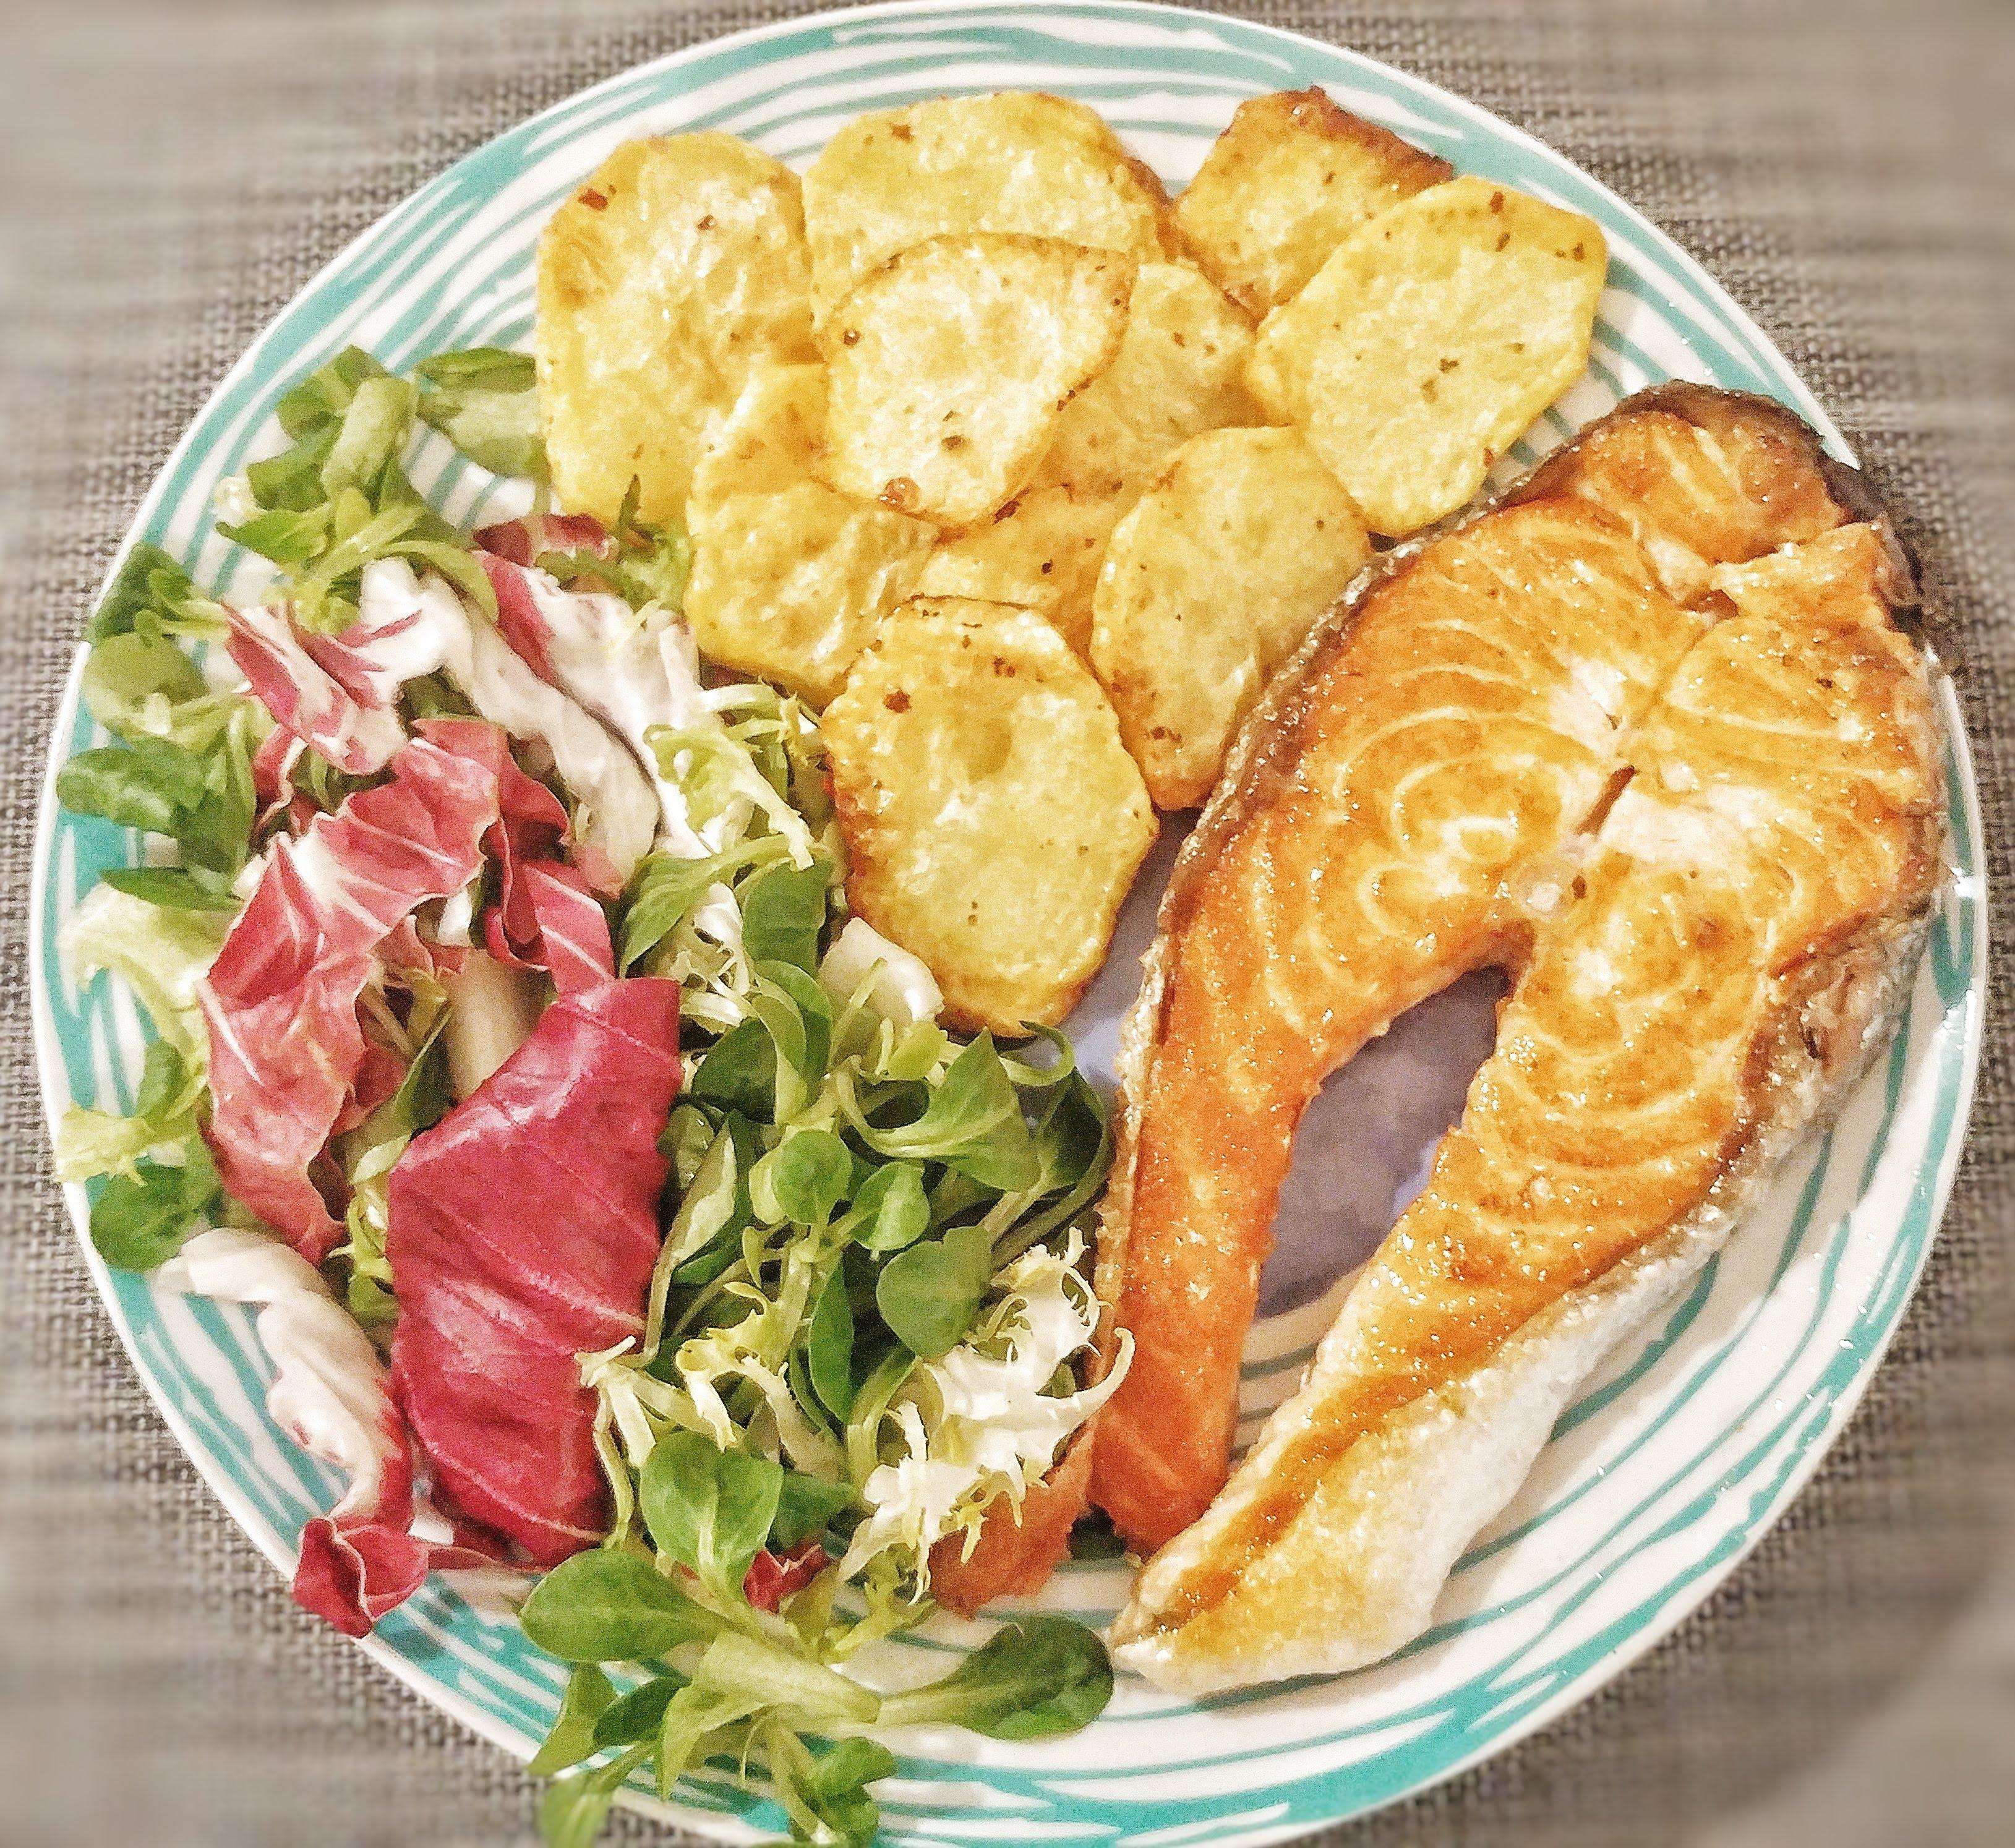 patate fritte non fritte lime e pepe rosa